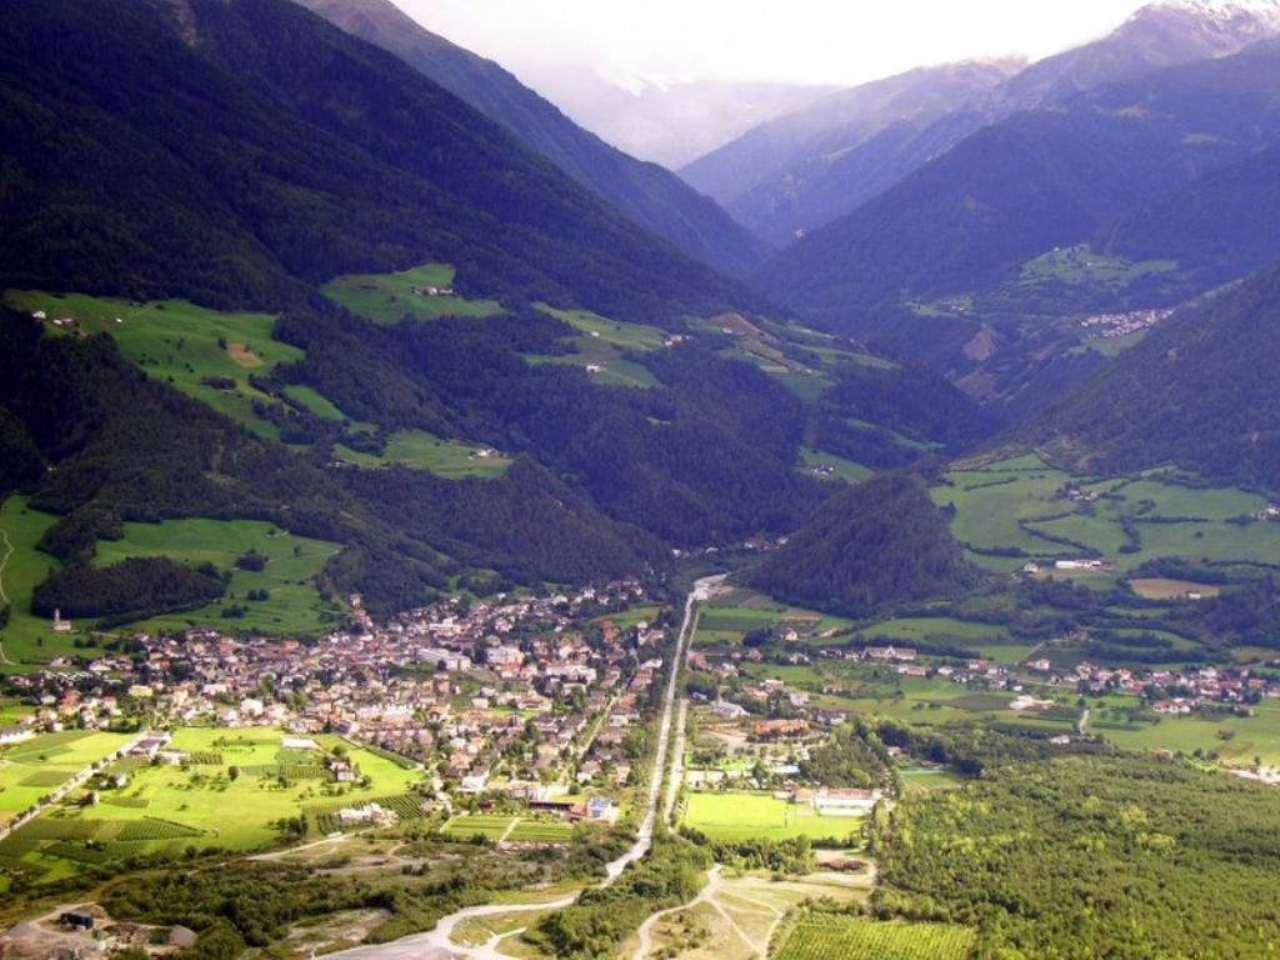 Soluzione Indipendente in vendita a Prato allo Stelvio, 5 locali, prezzo € 130.000 | Cambio Casa.it